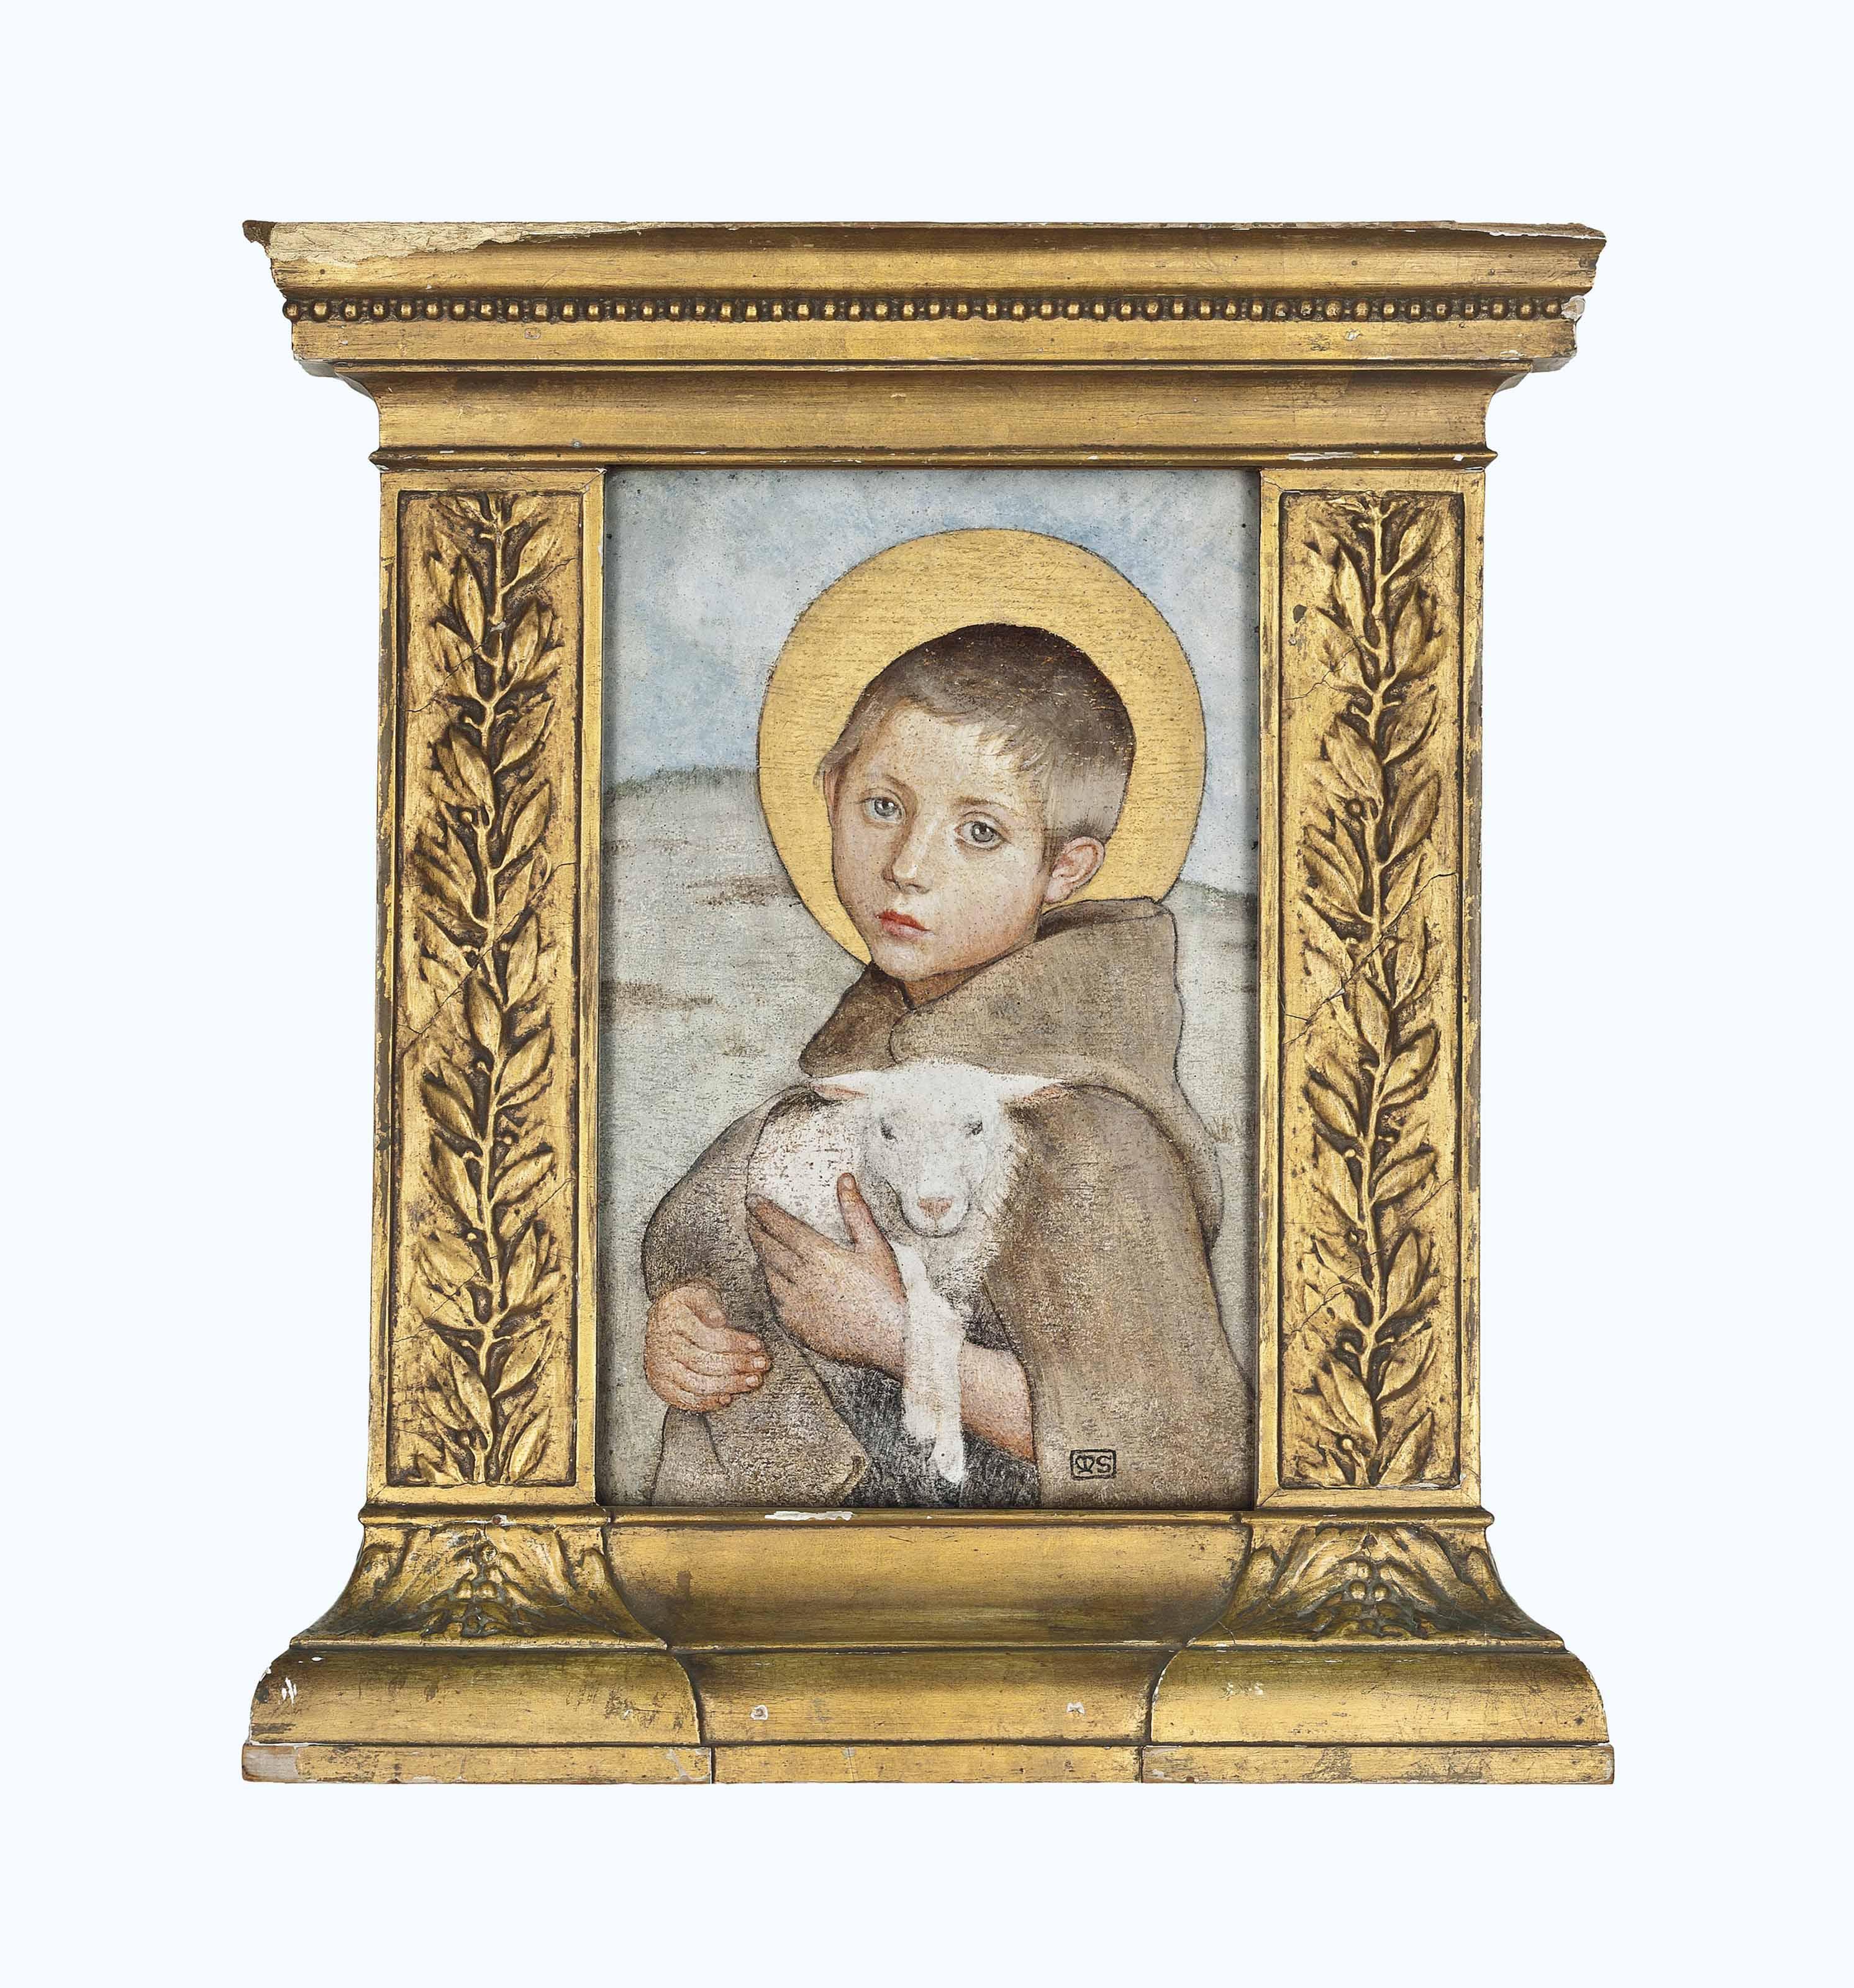 The infant St. John